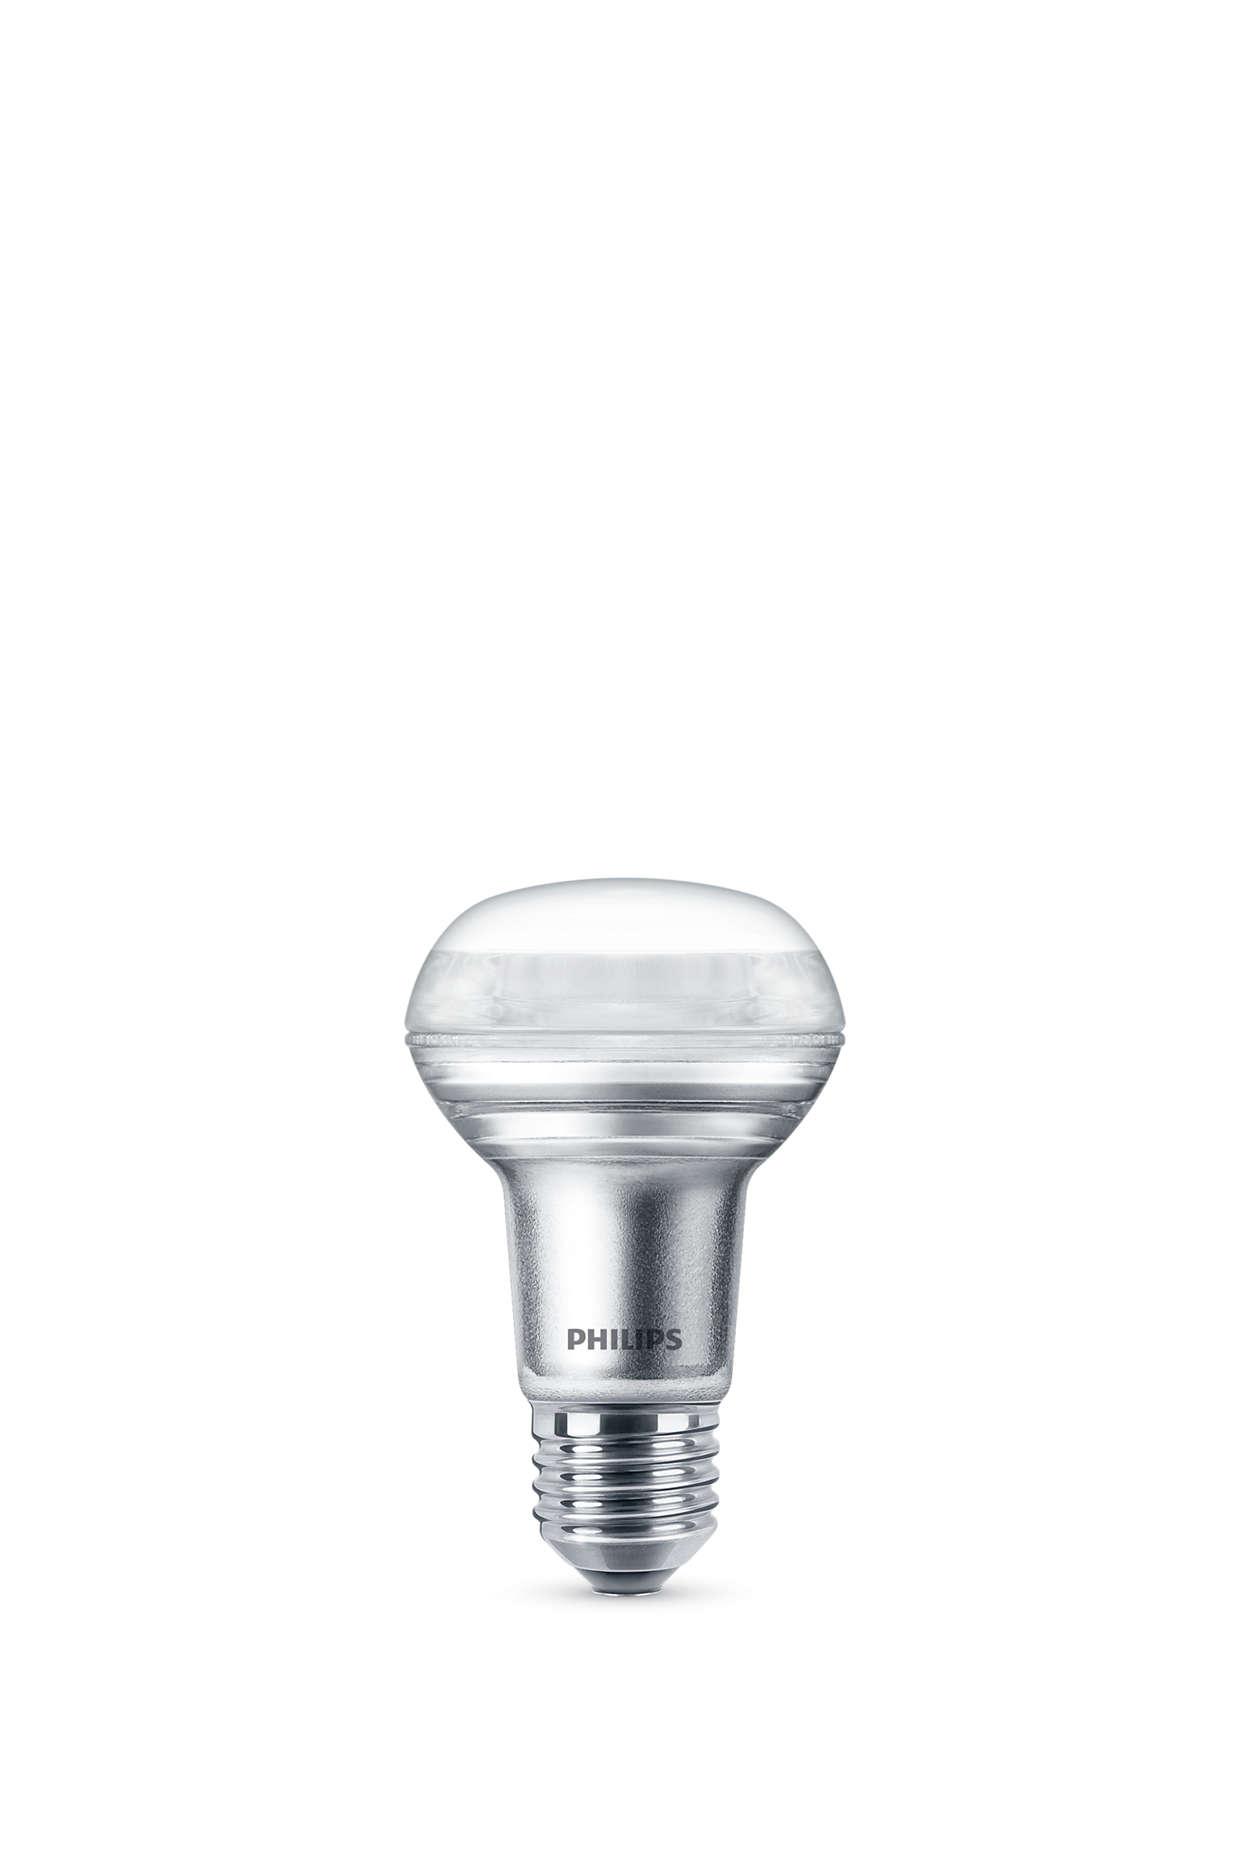 Надійна світлодіодна лампа з яскравим сфокусованим променем